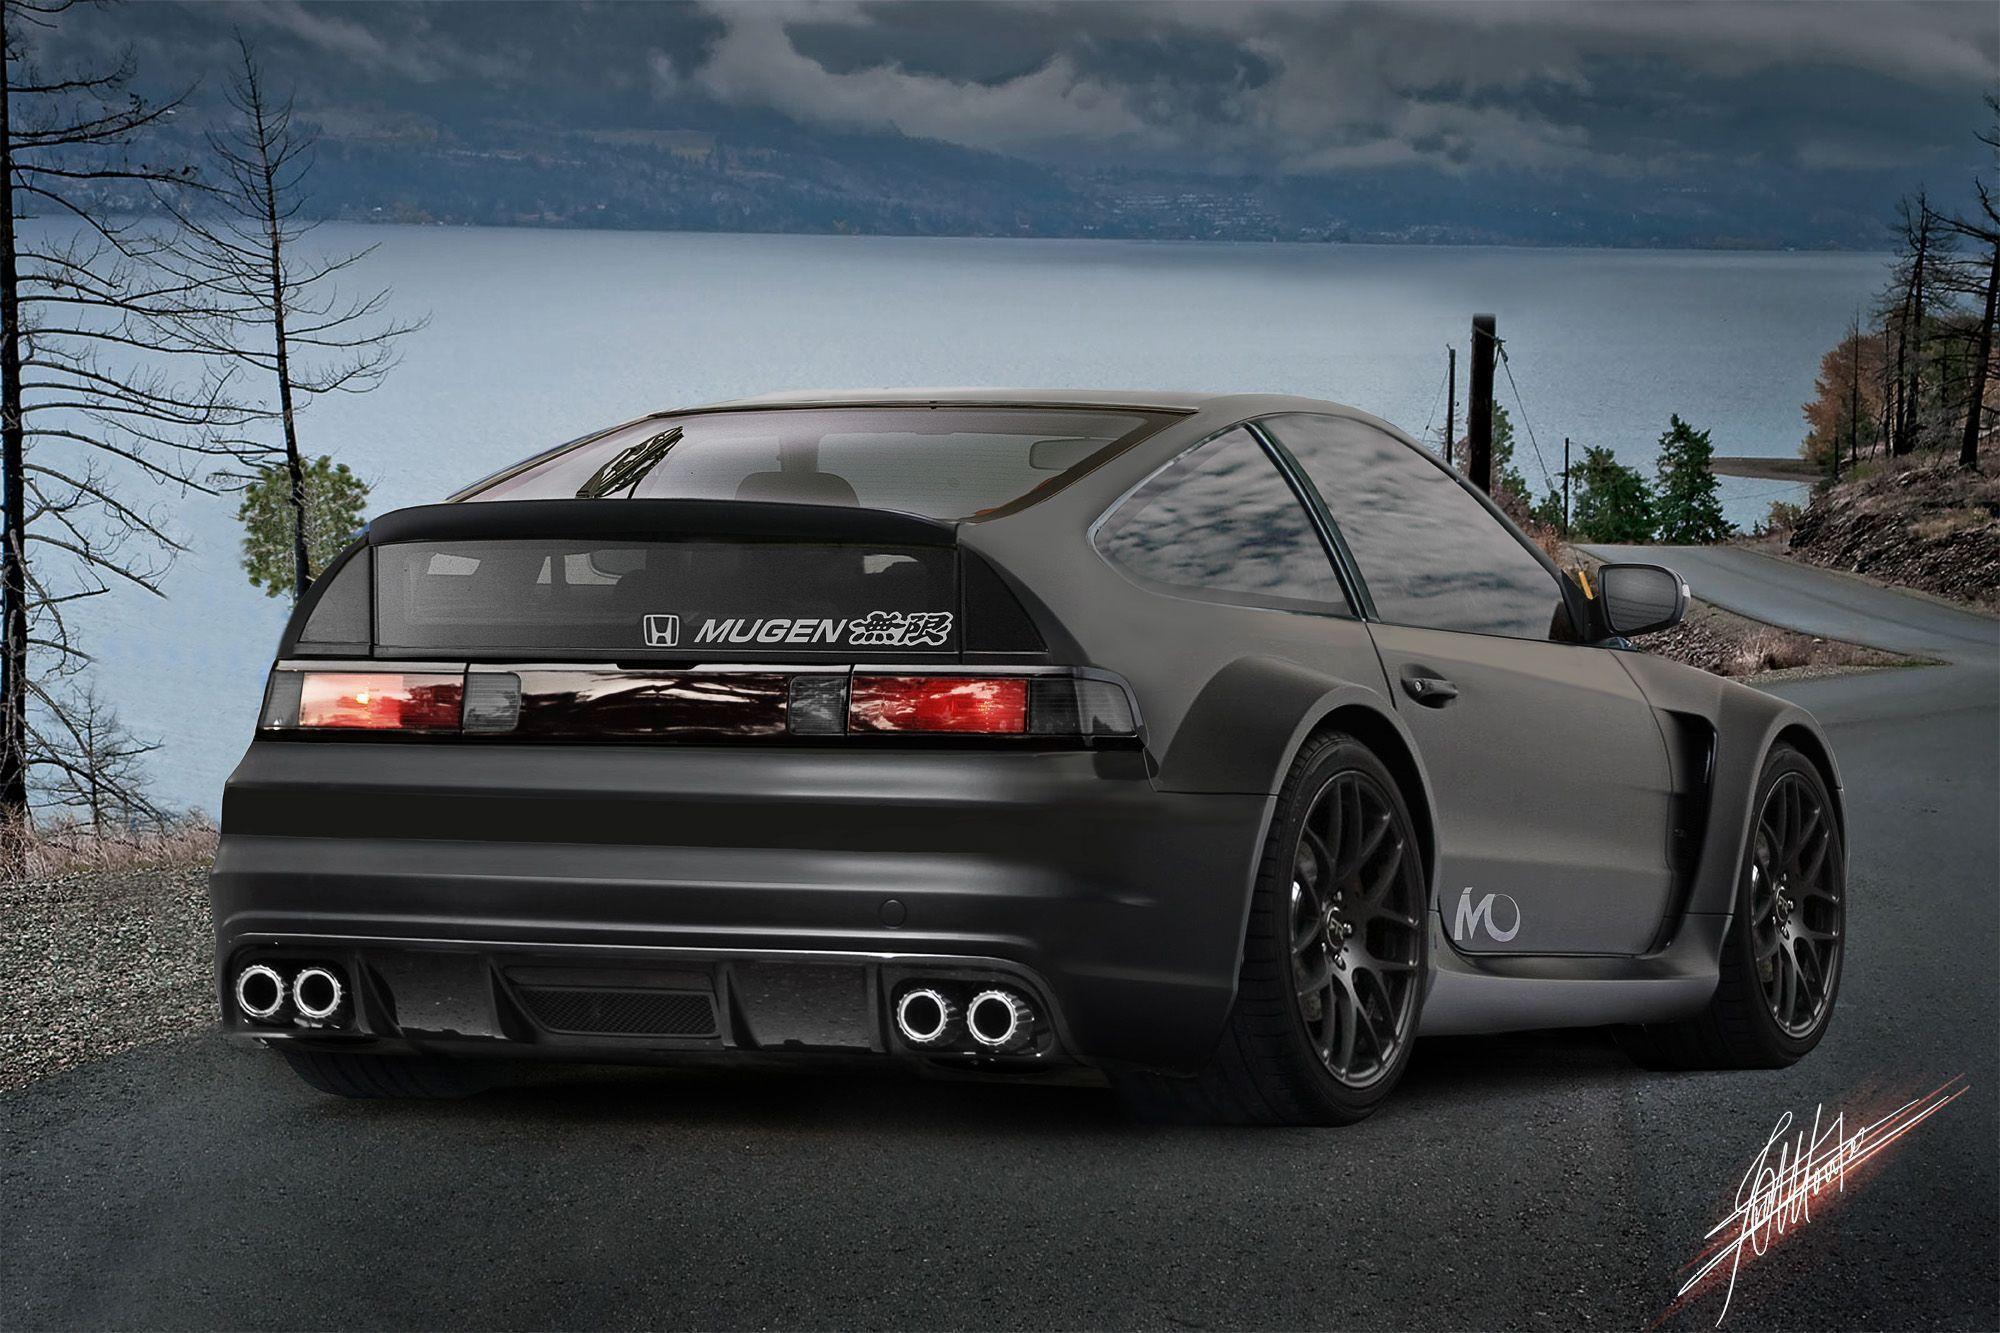 Honda prelude si wallpaper